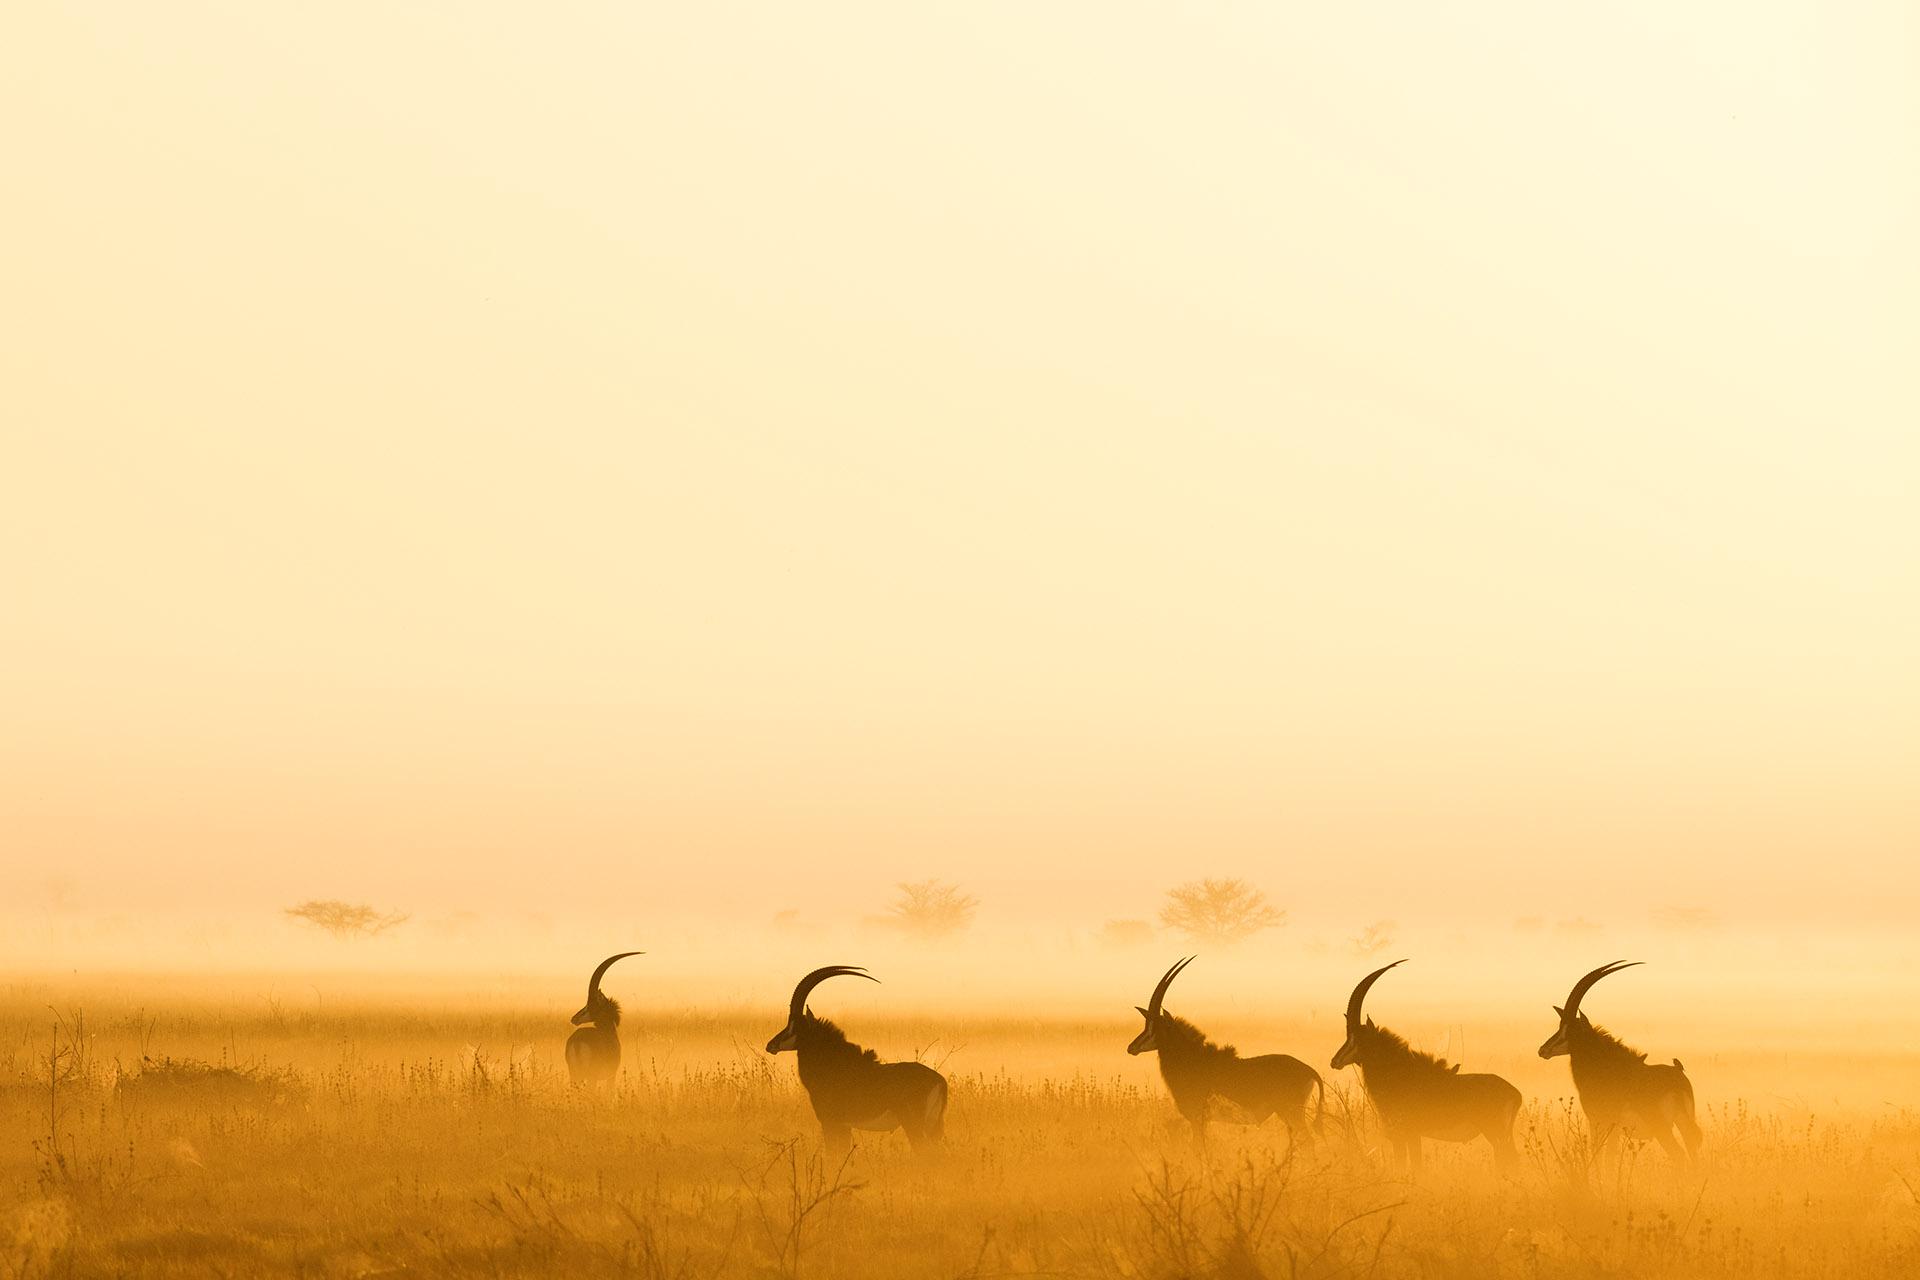 Sable - zambeze-delta-safaris-coutada-11-mozambique